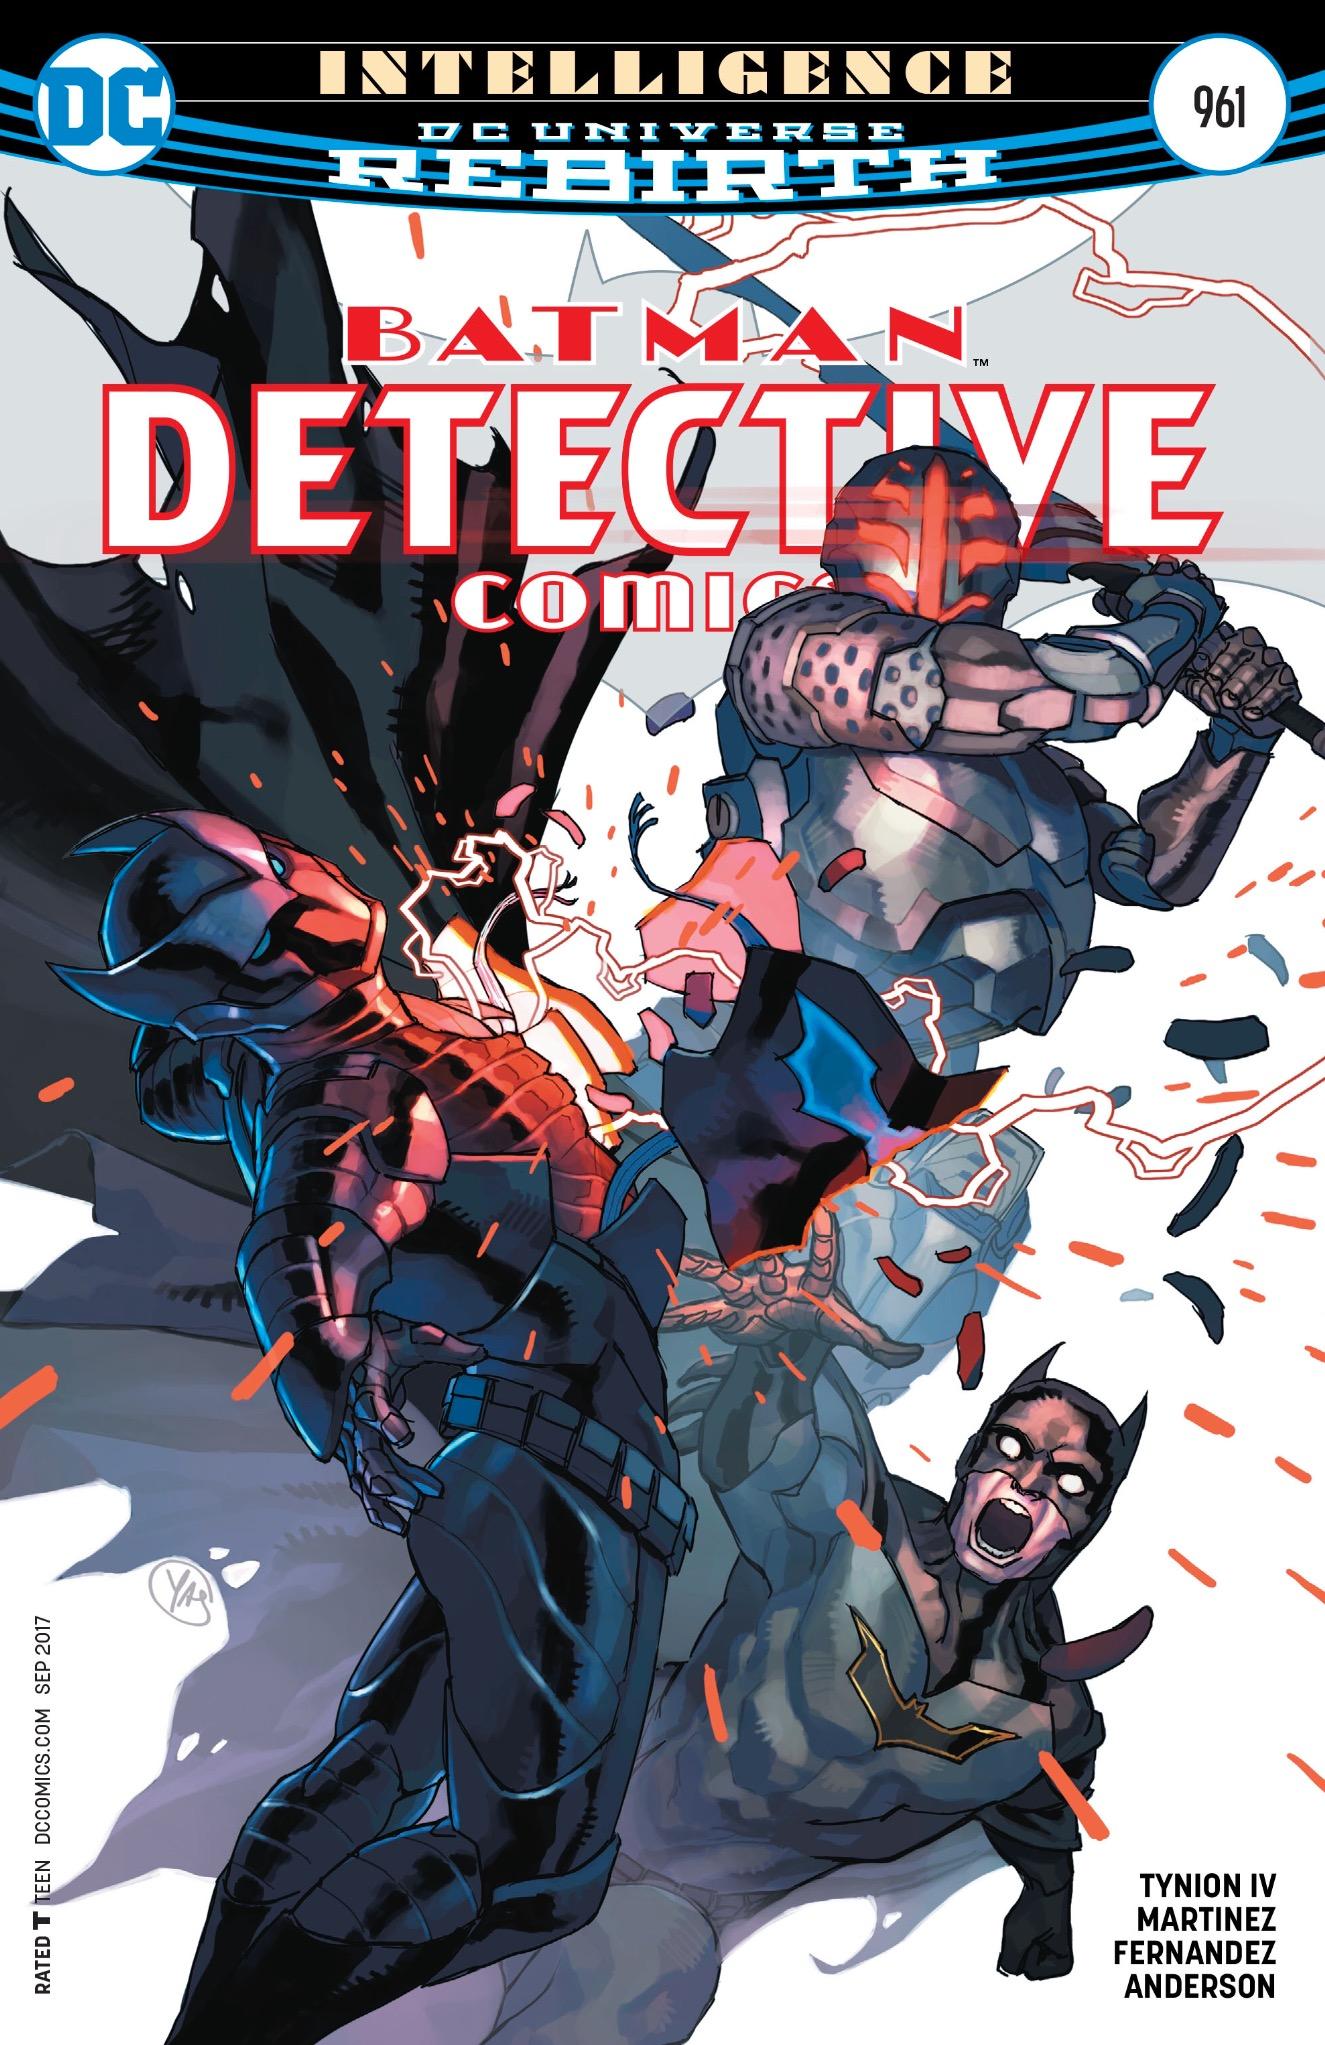 Detective Comics #961 cover